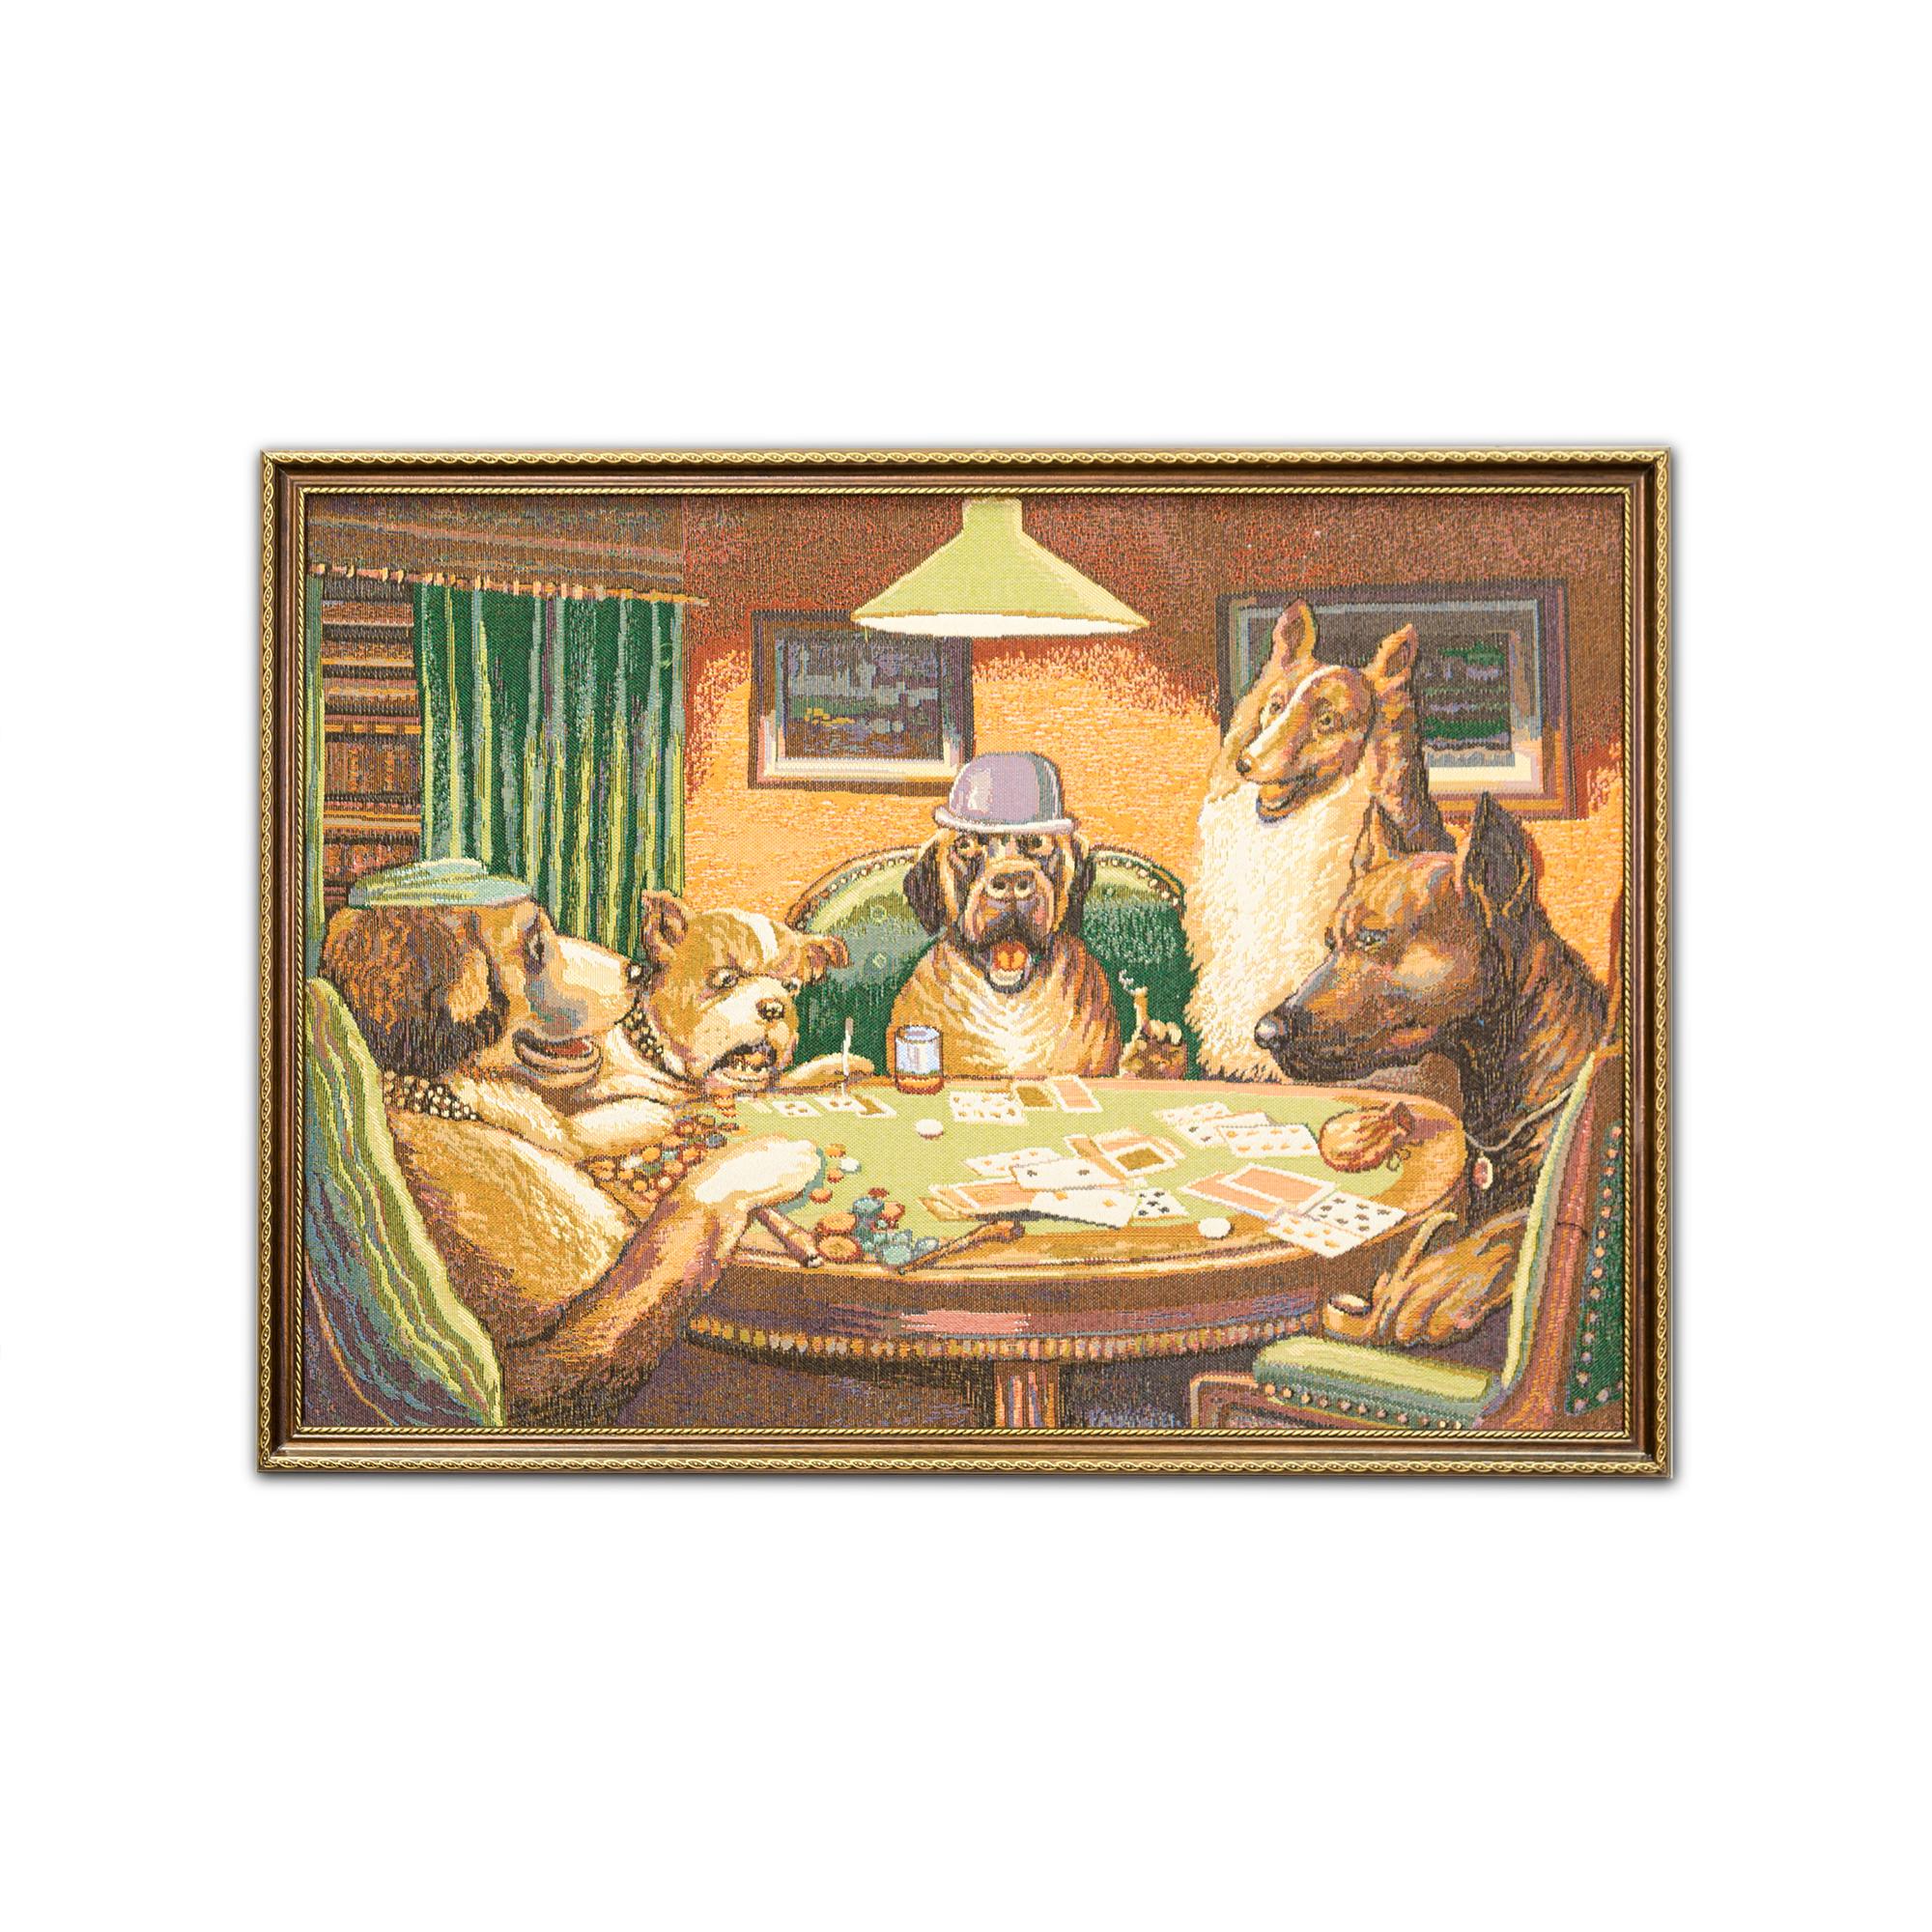 Картина Магазин гобеленов покер 58*80см, Гобелен printio чехол для iphone x xs объёмная печать r design blue